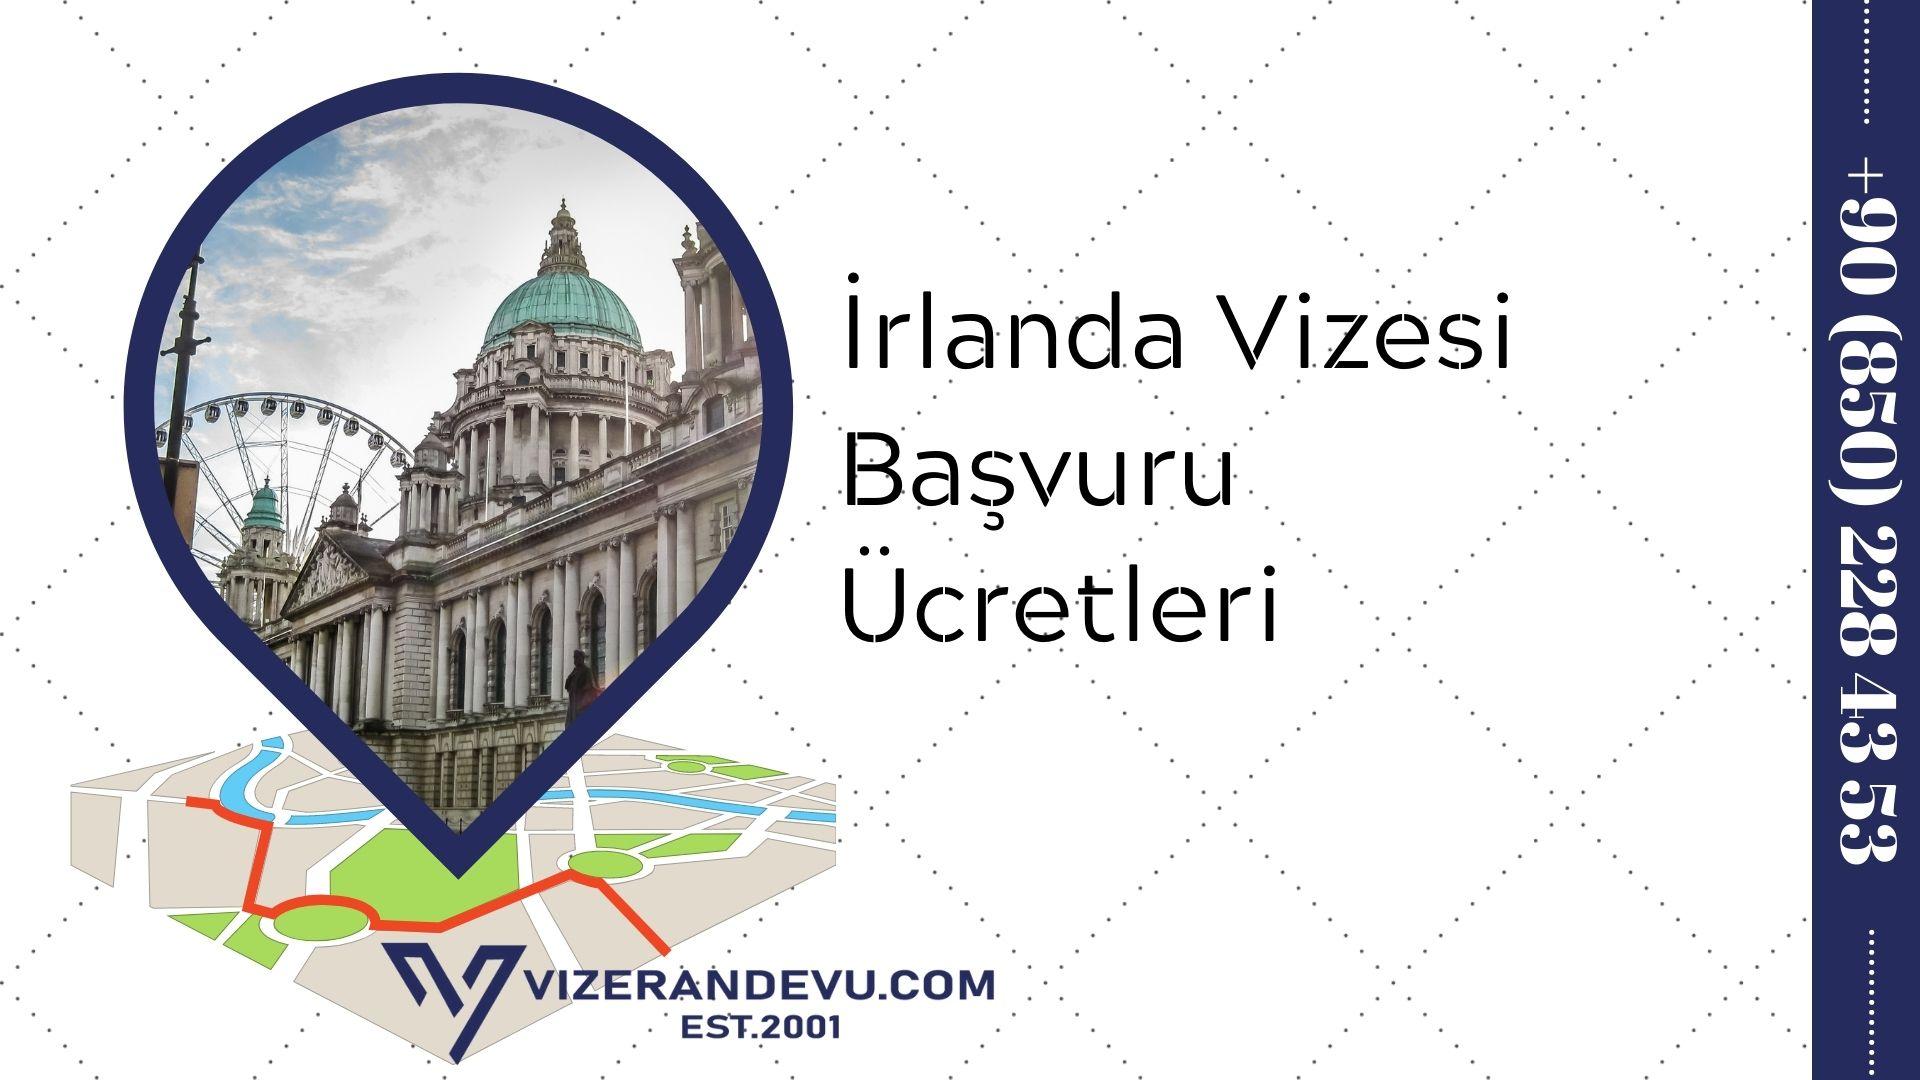 İrlanda Vizesi Başvuru Ücretleri